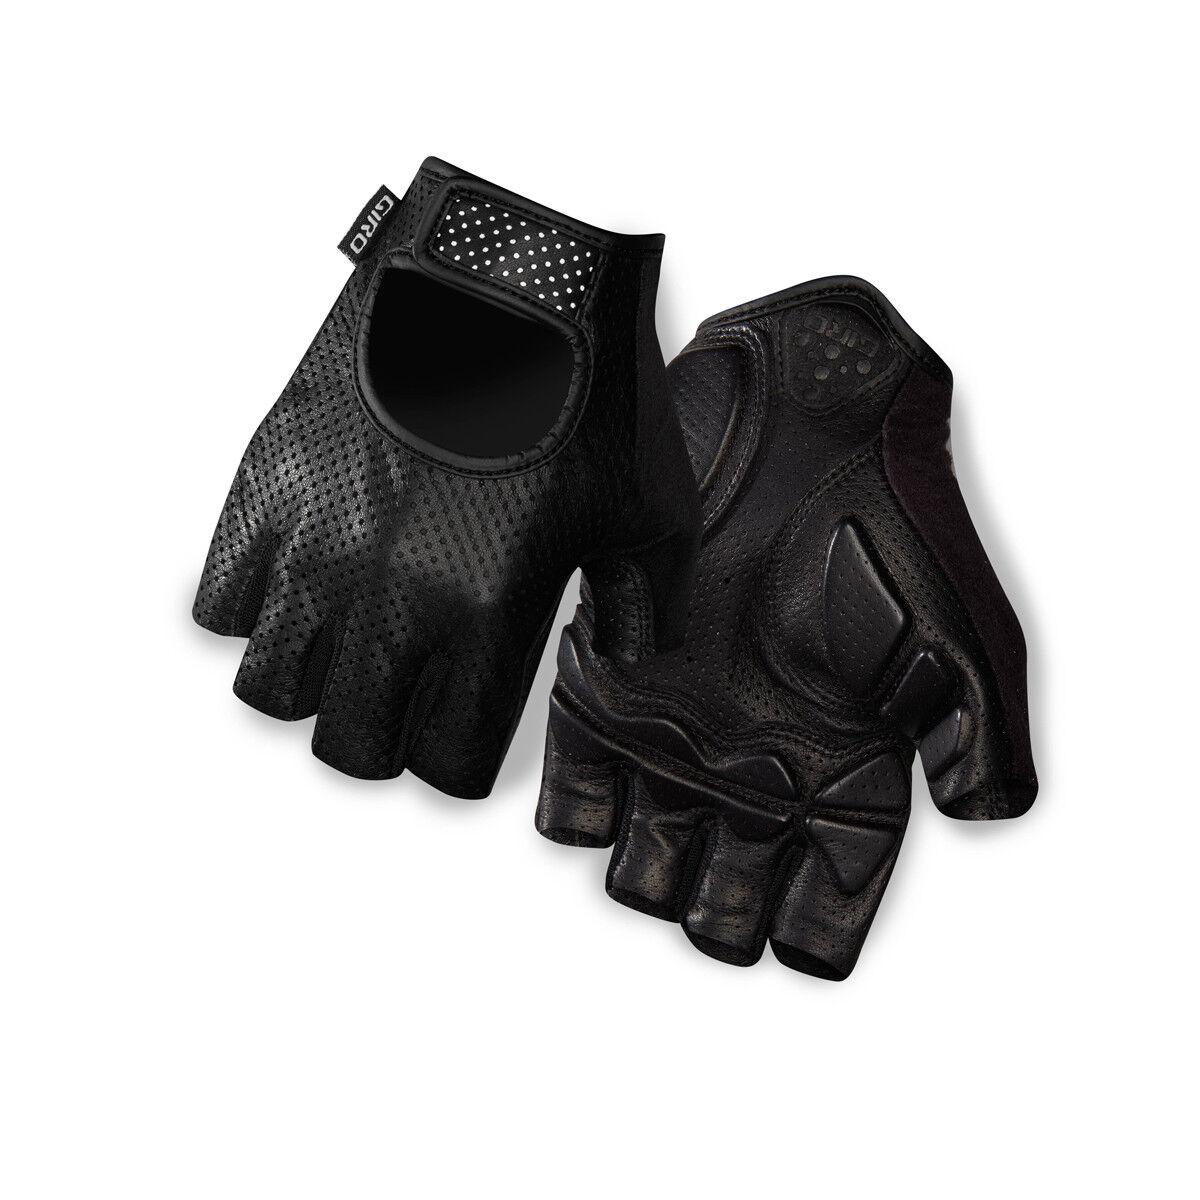 Giro LX Fahrrad Handschuhe kurz schwarz 2020